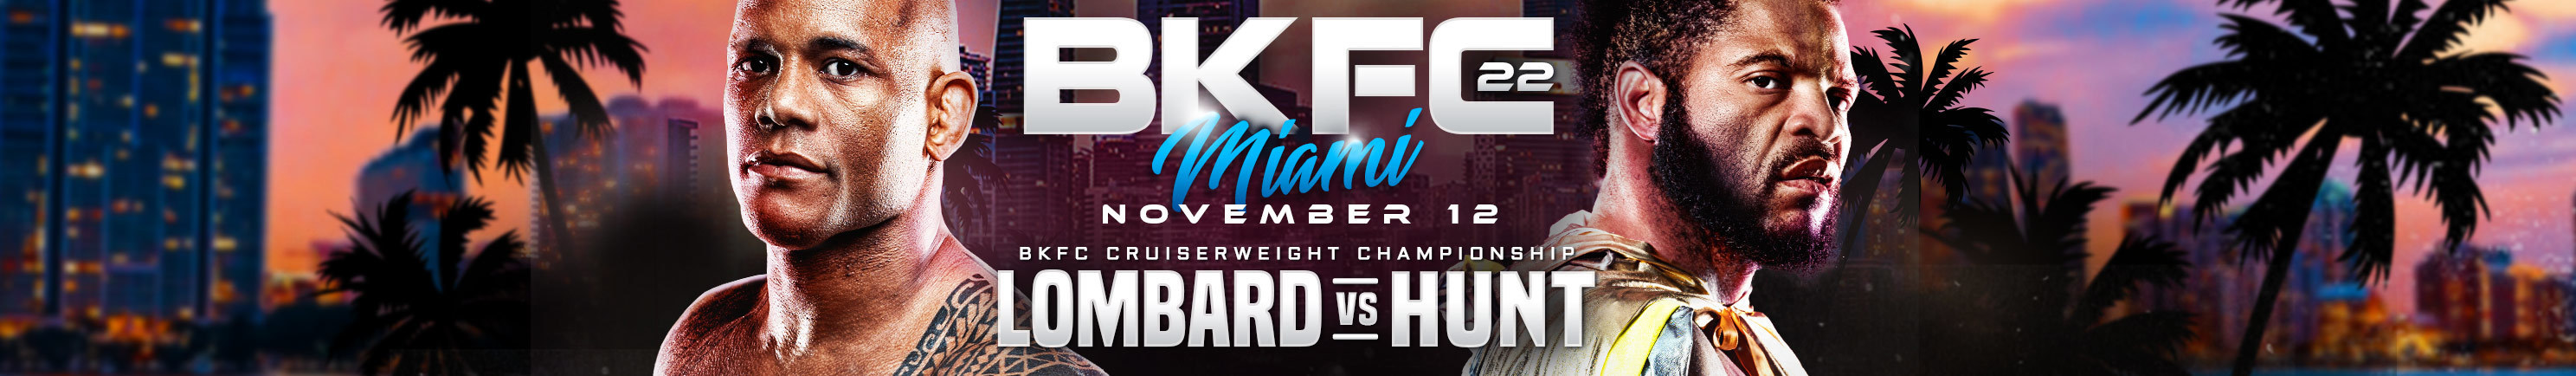 BKFC 22 Lombard vs Hunt